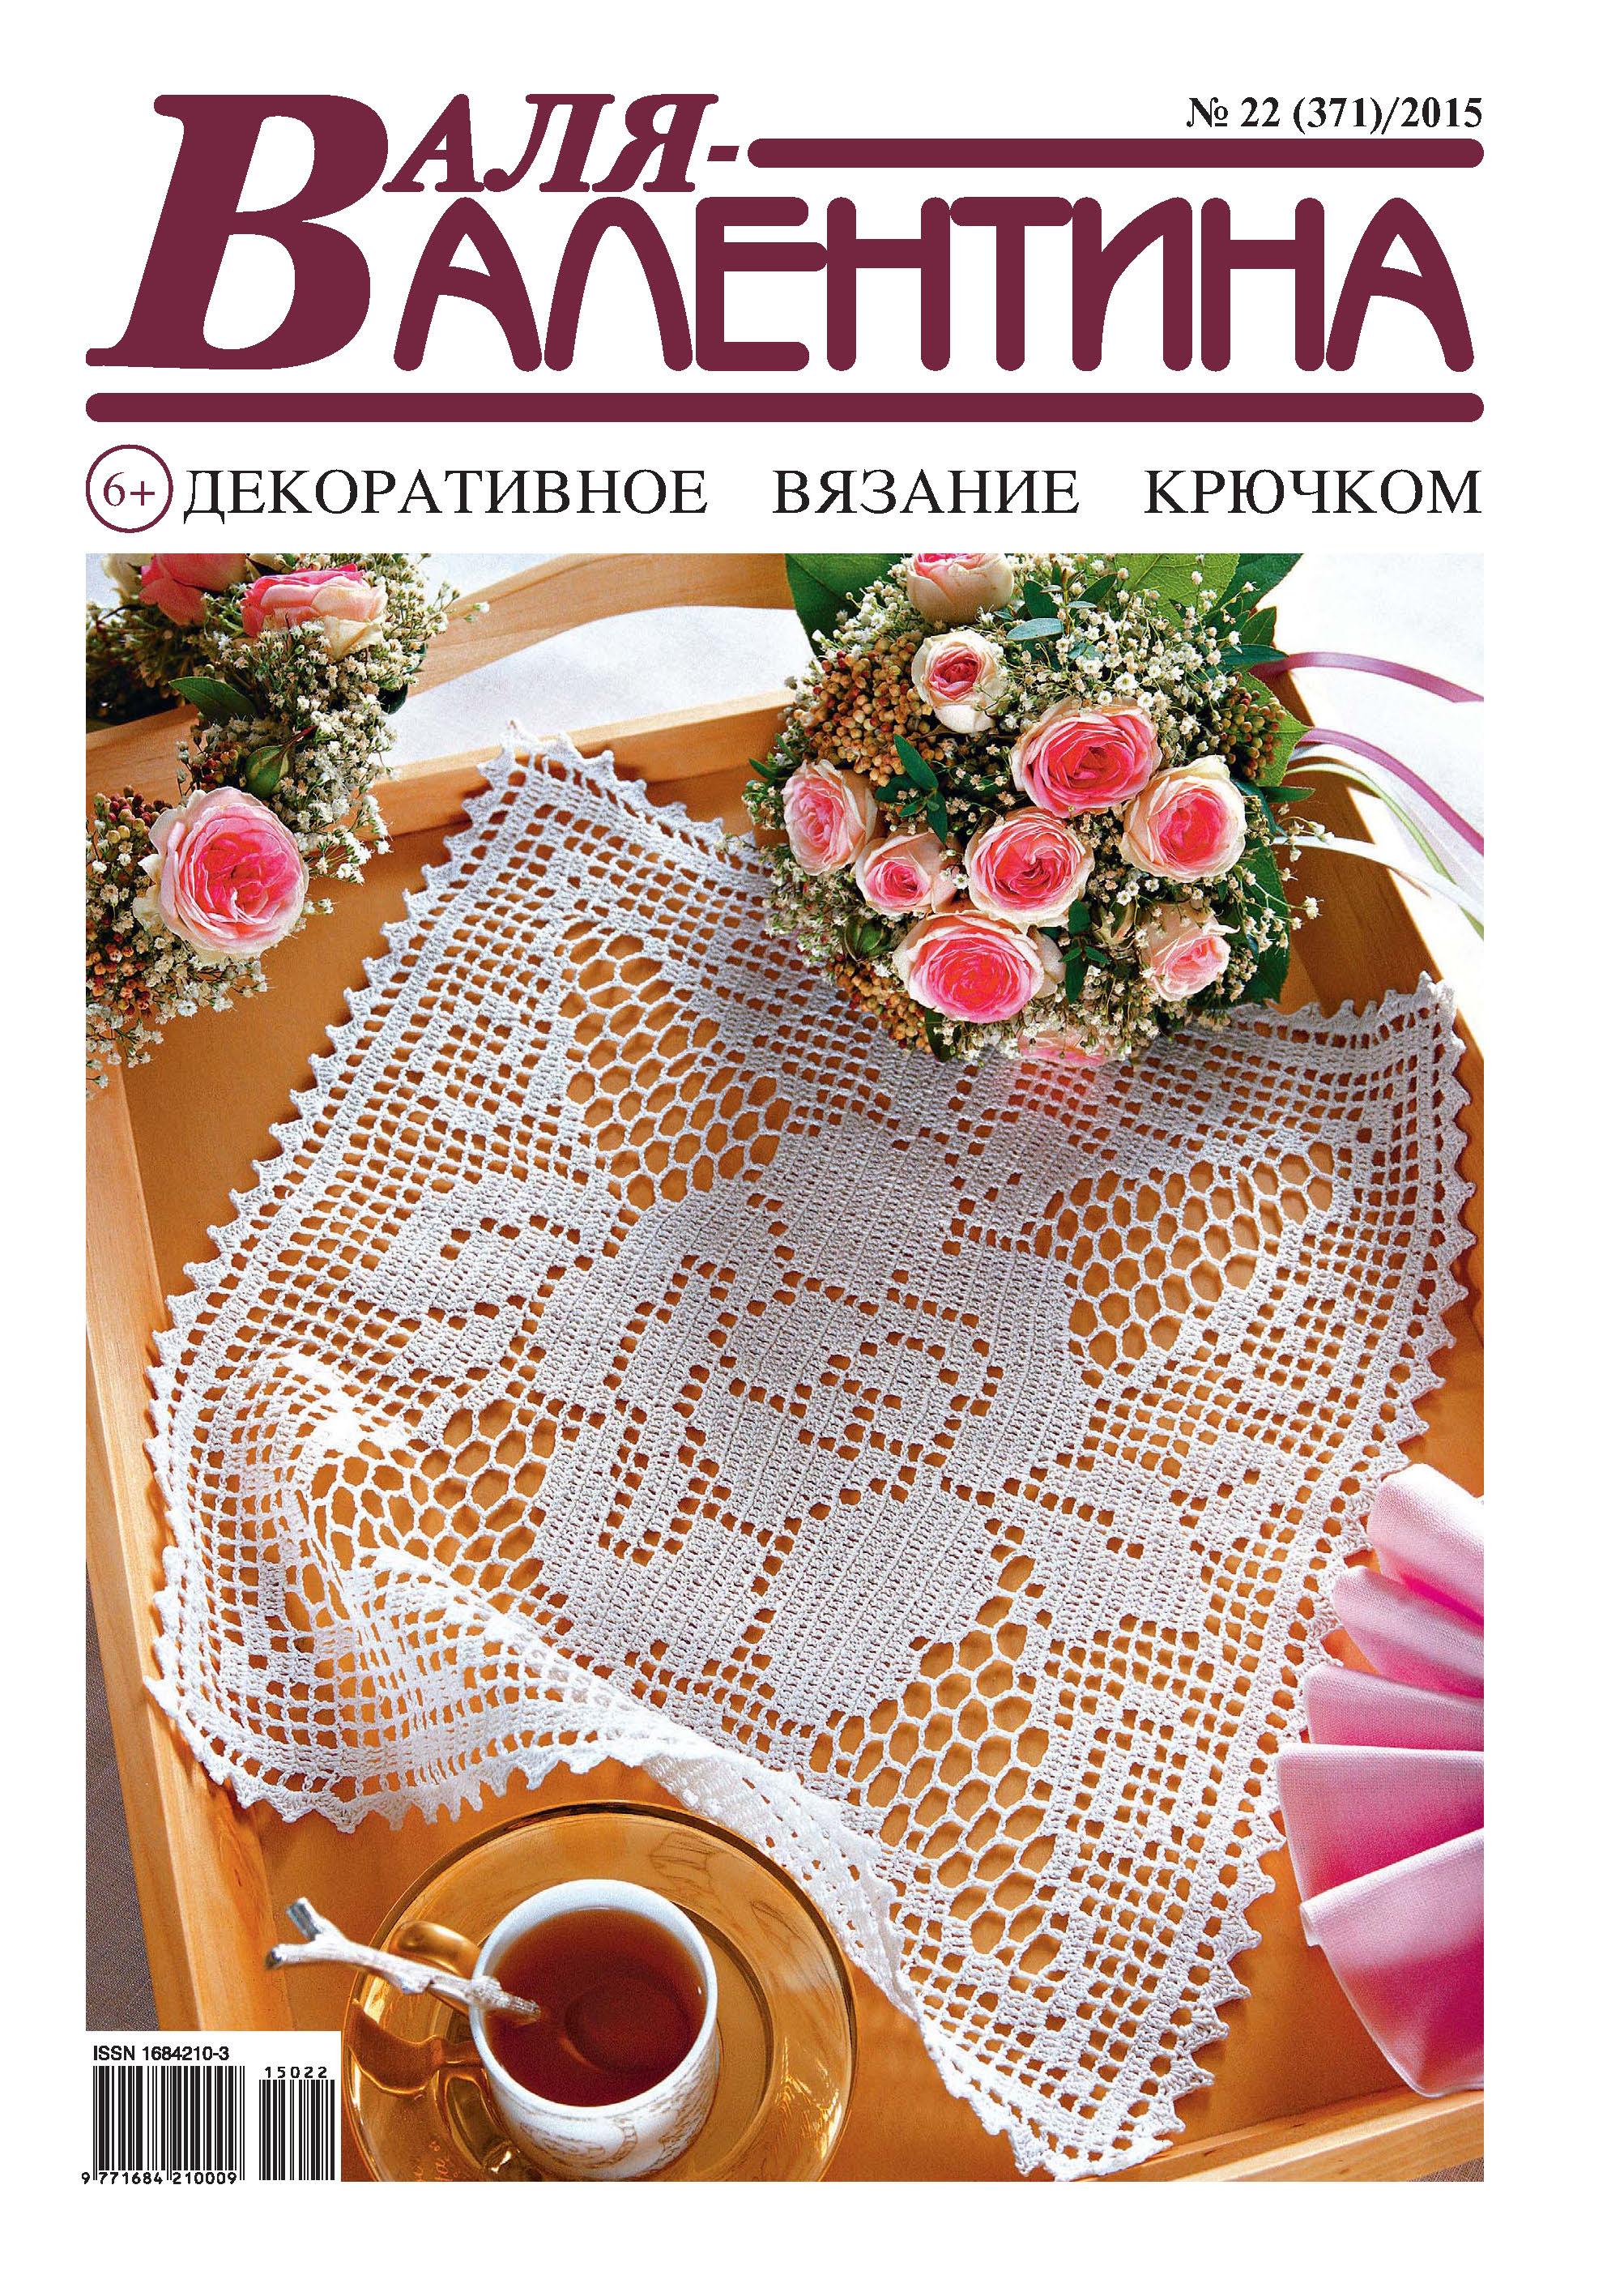 Валя-Валентина. Декоративное вязание крючком. №22/2015